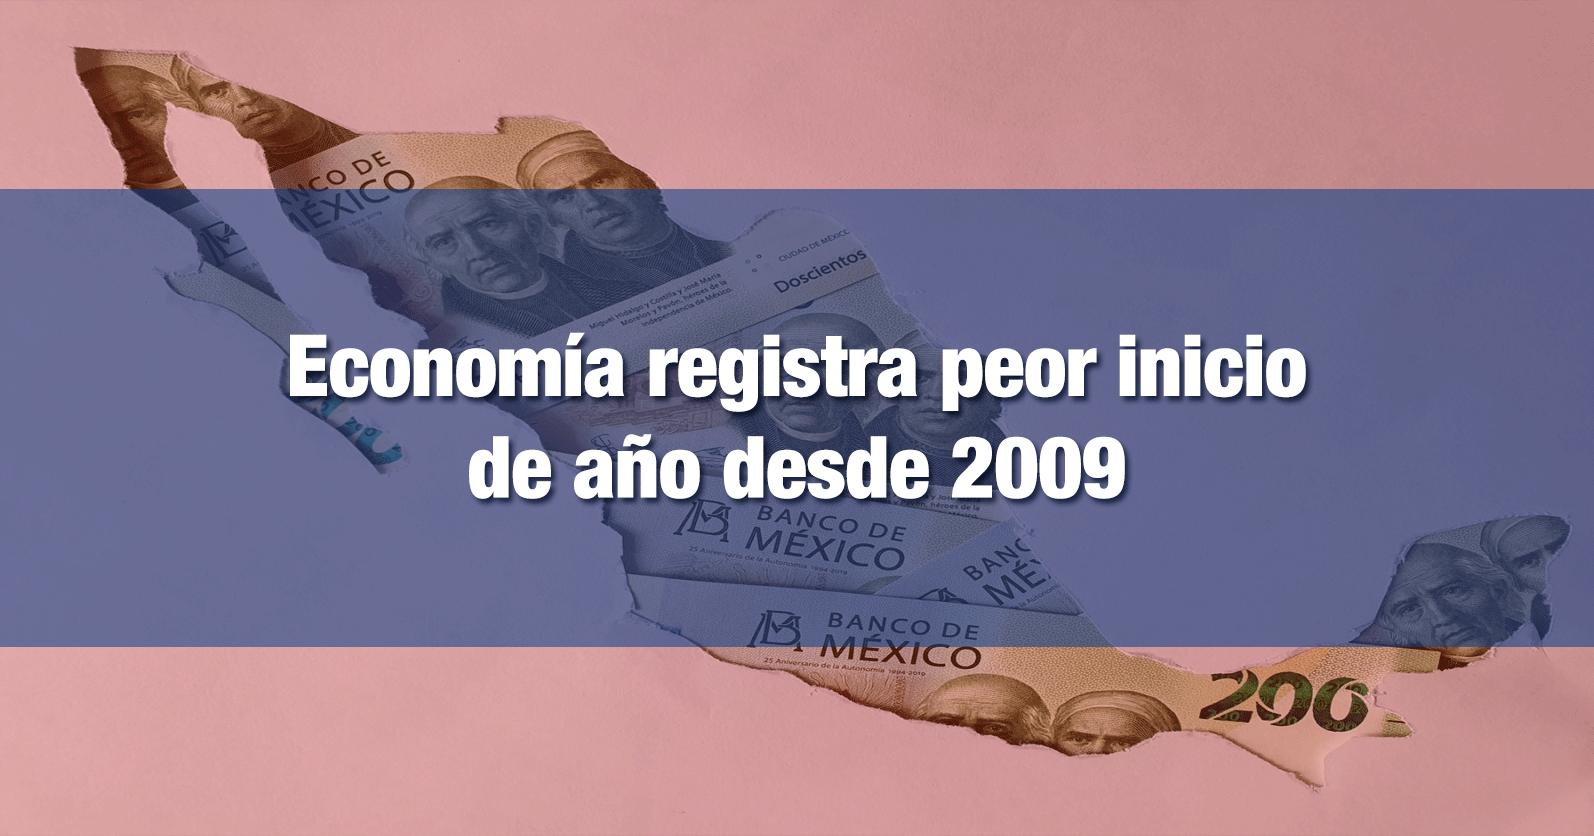 Economía registra peor inicio de año desde 2009